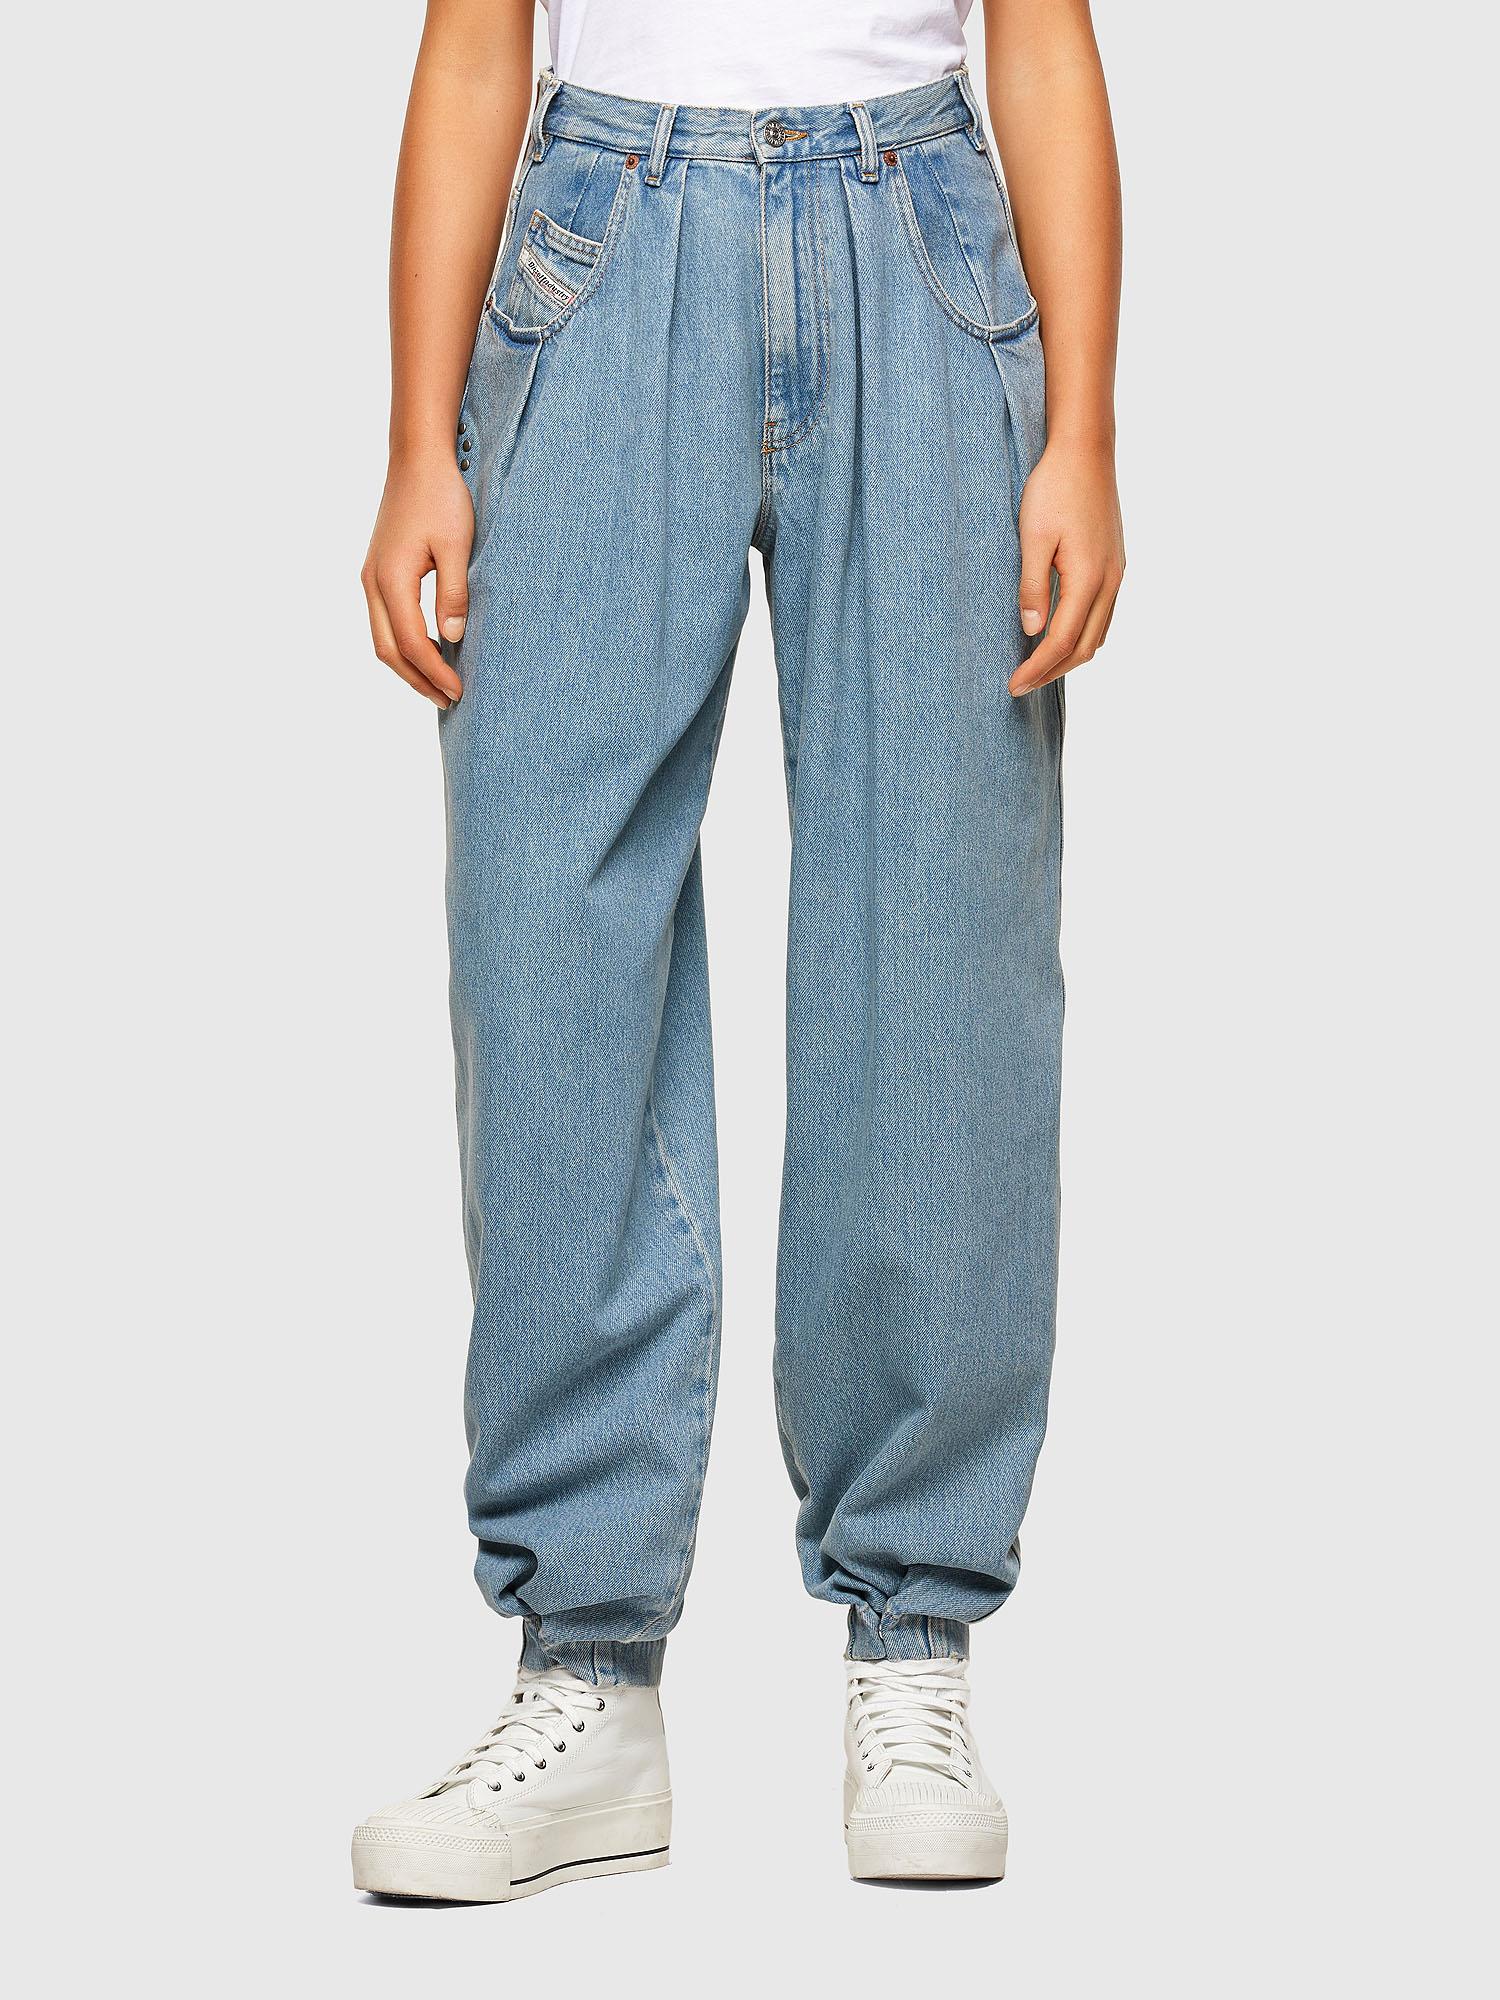 Diesel - D-Concias 009RQ, Light Blue - Jeans - Image 1